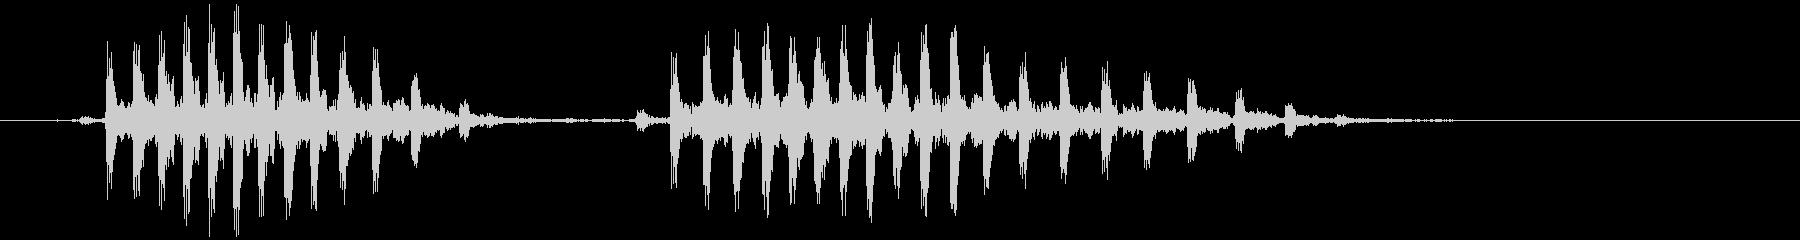 アヒルの鳴き声(鳥笛) クアクアの未再生の波形